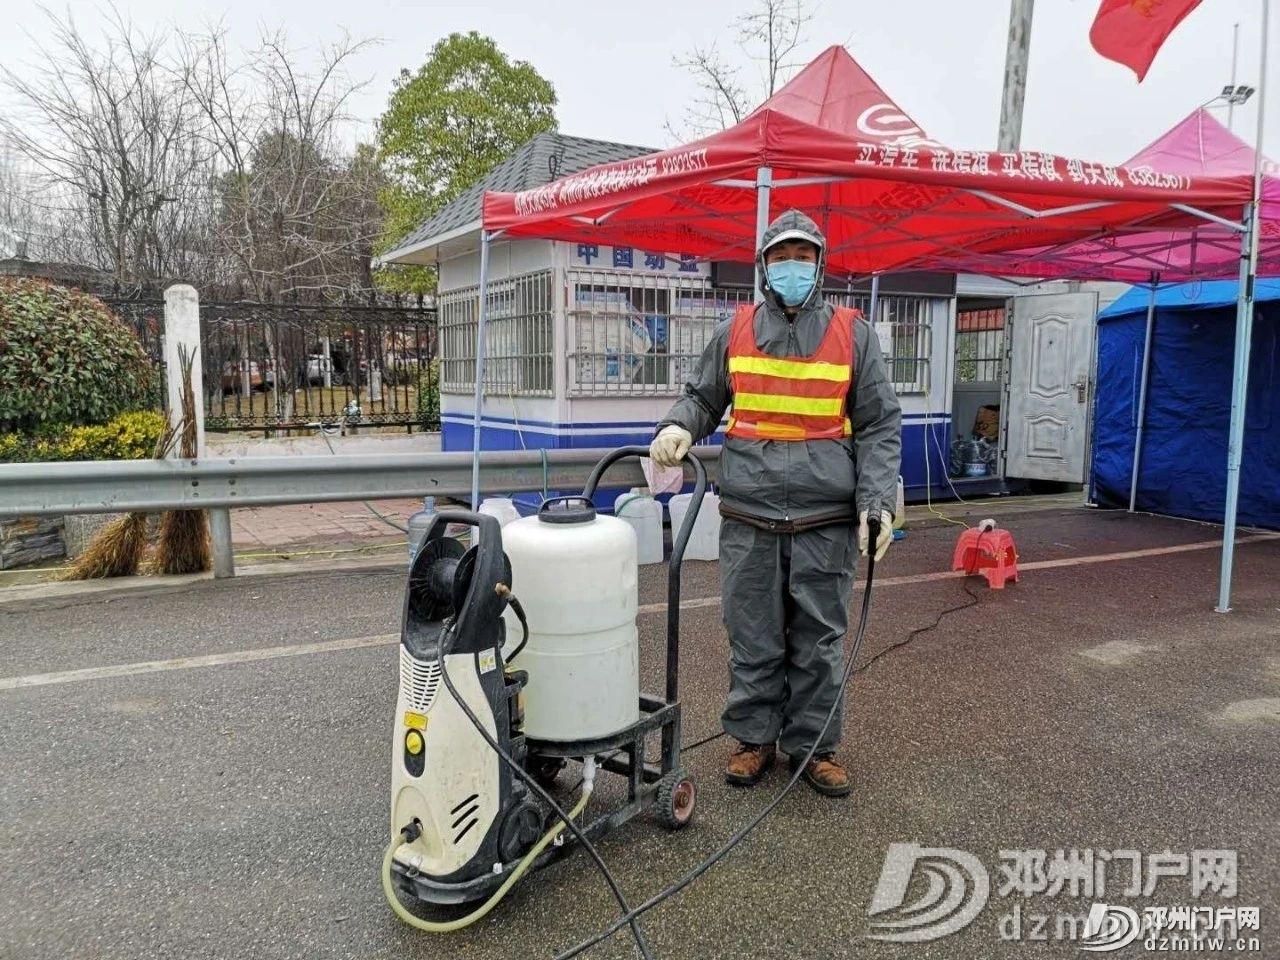 最新!关于邓州桑庄高速外出、返回流程... - 邓州门户网|邓州网 - 82fa6224d126e0ac9a54a9bdc3f2dd0d.jpg